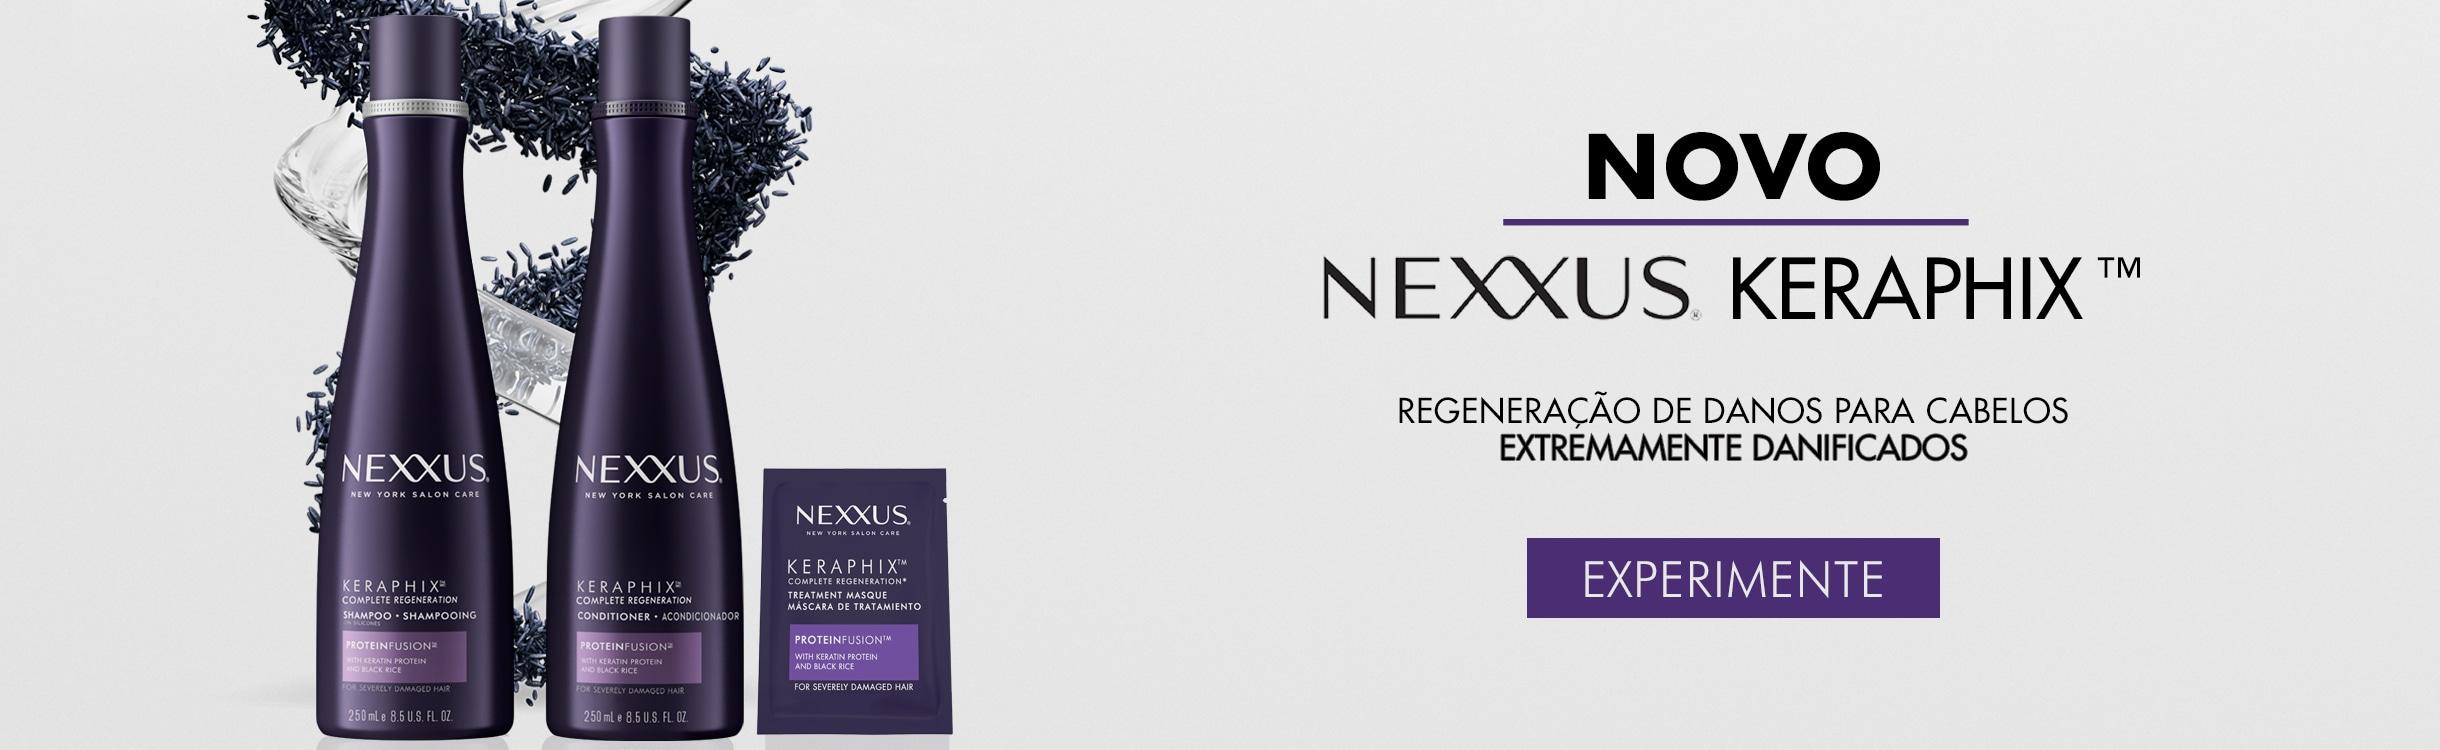 NEXXUS/Keraphix